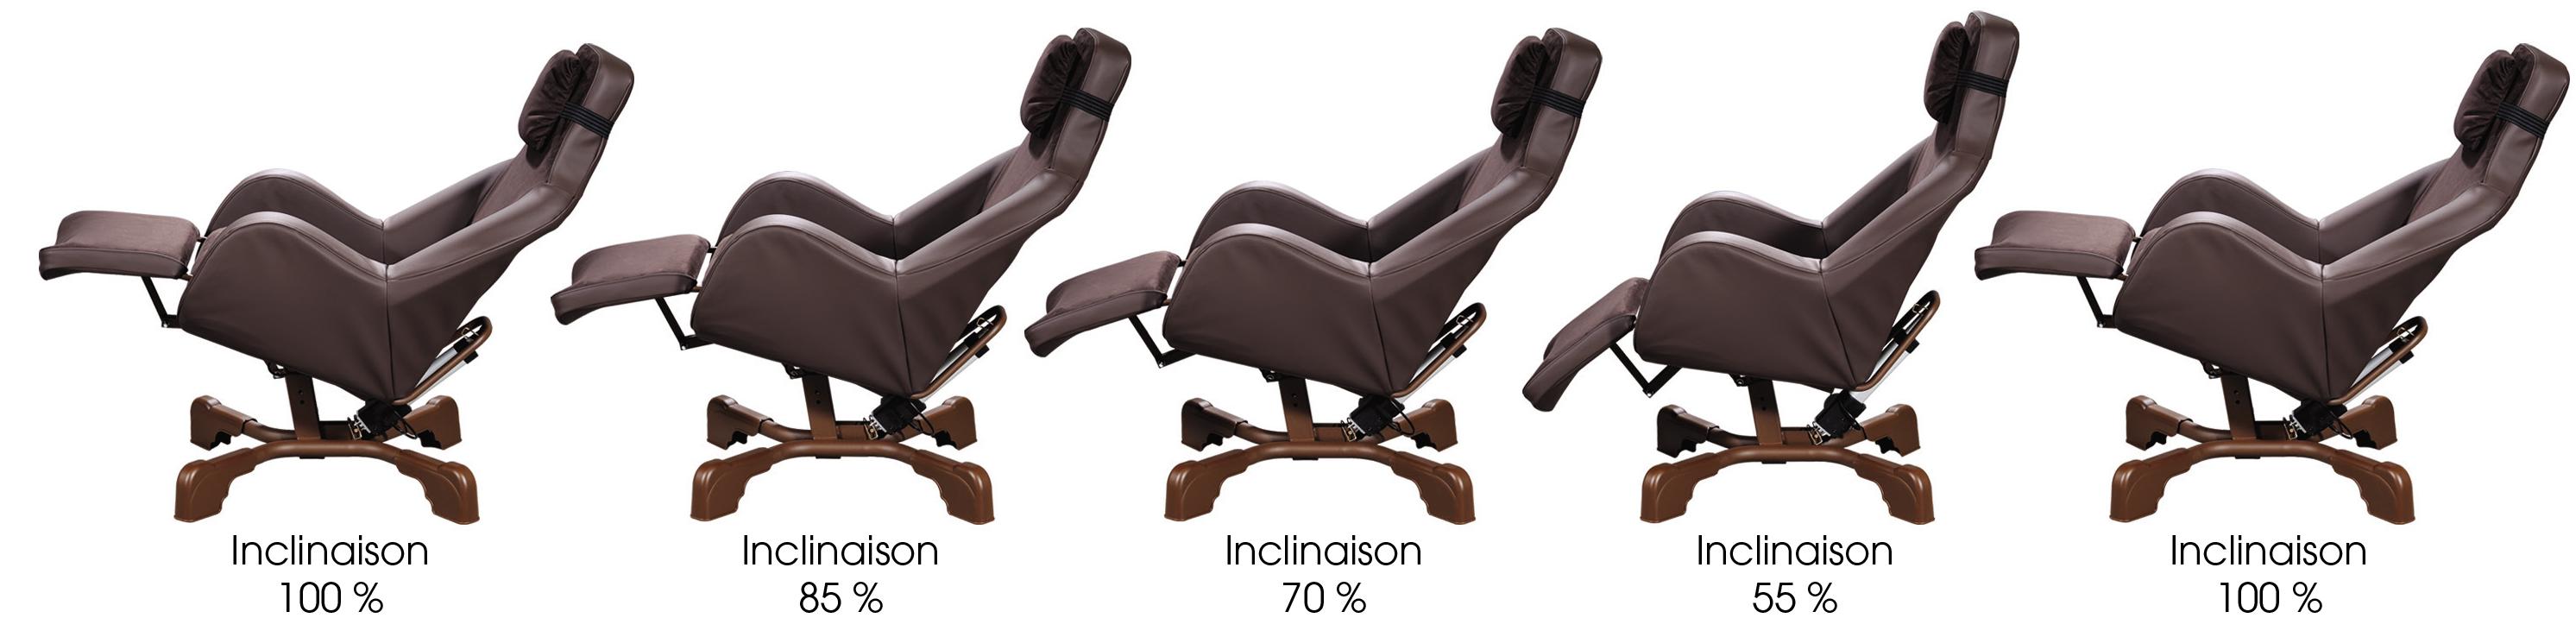 Inclinaisons fauteuil coquille électrique premium esprit bien être